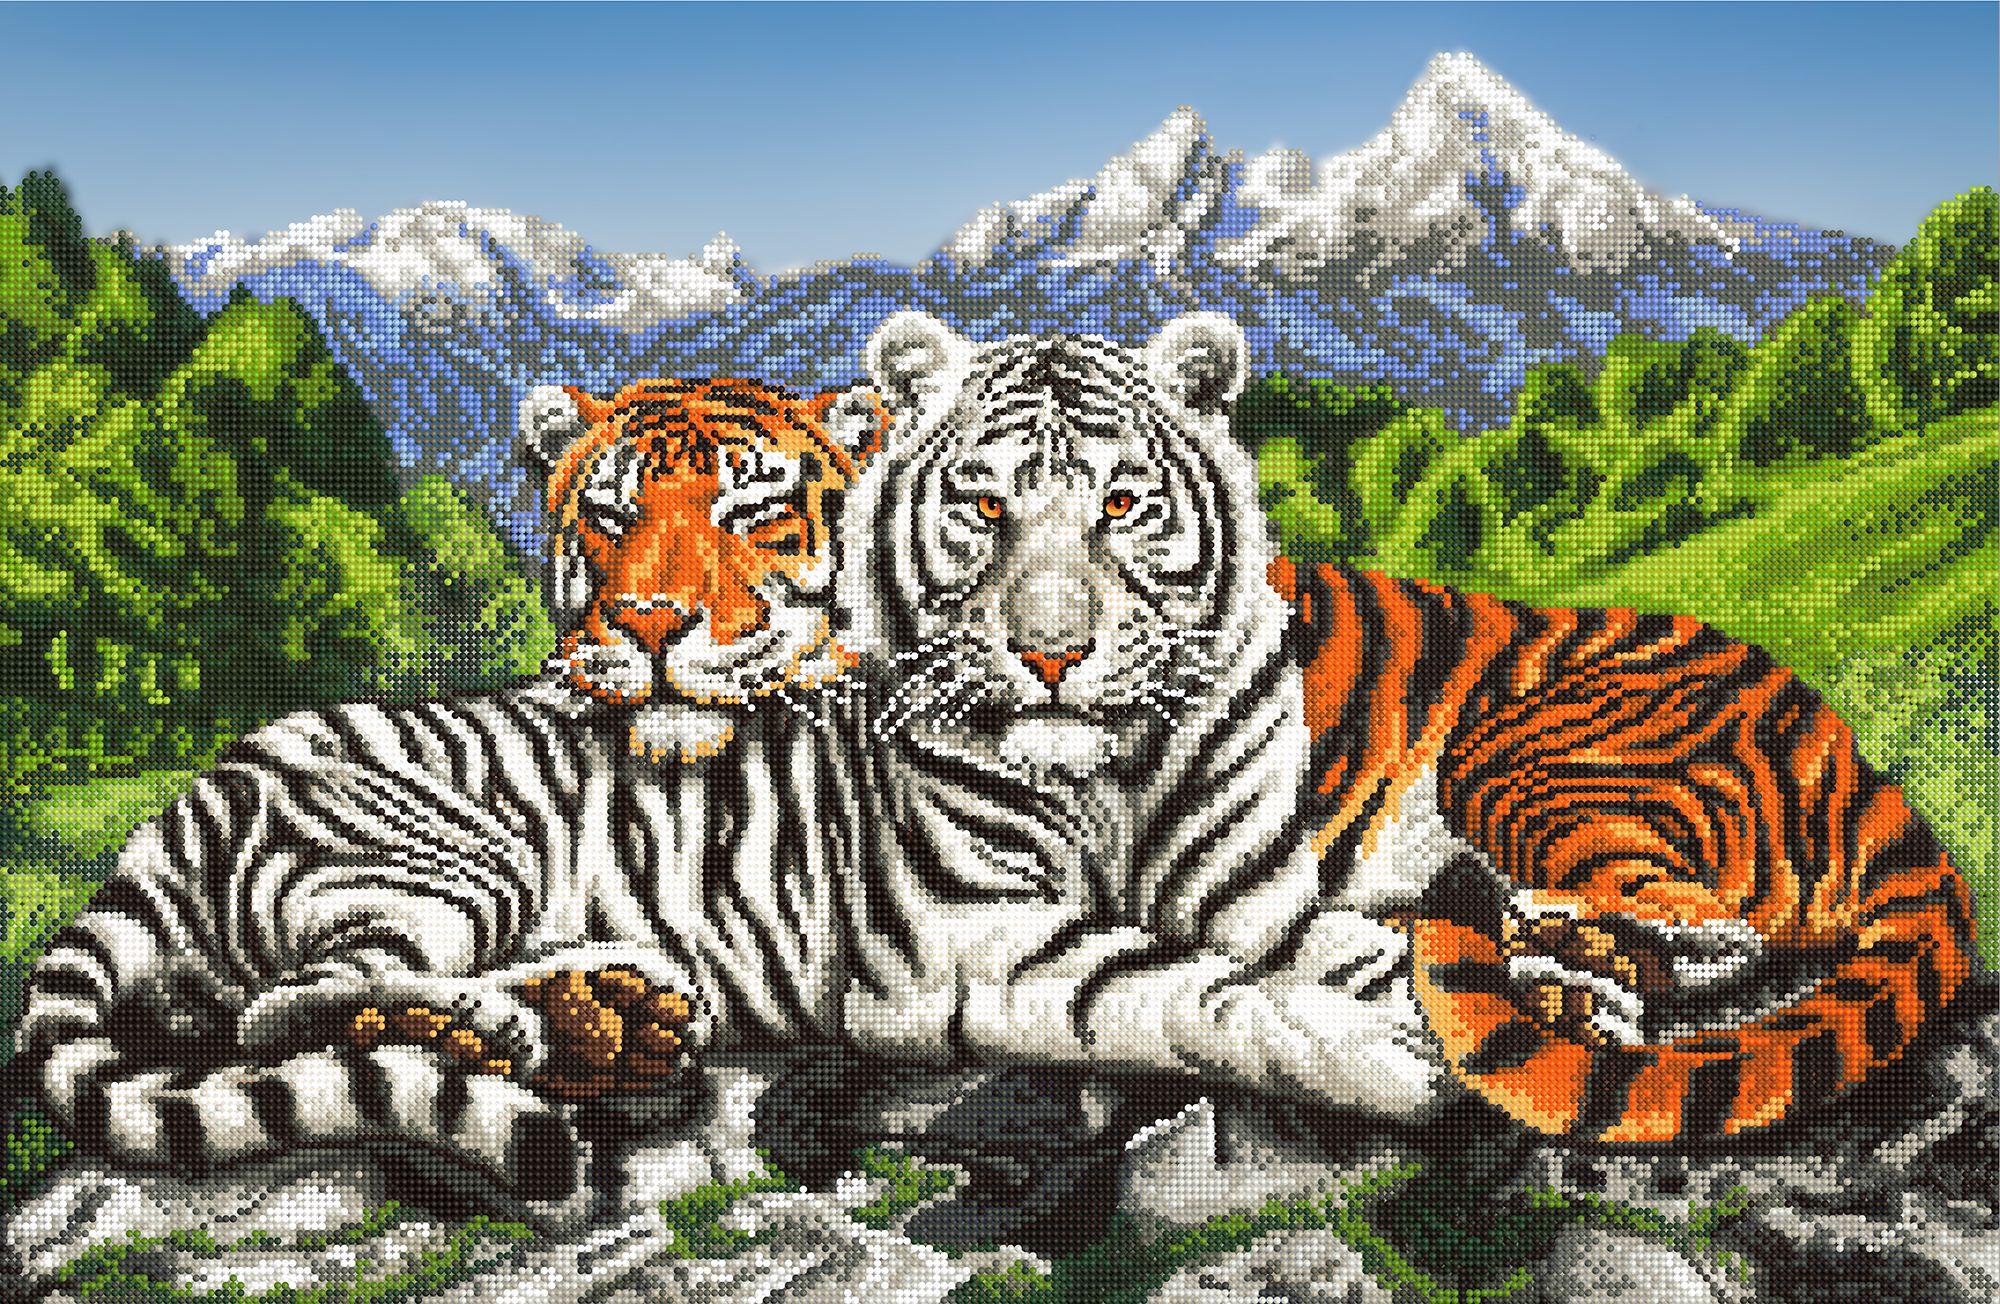 Тигры 2022 счетный крест